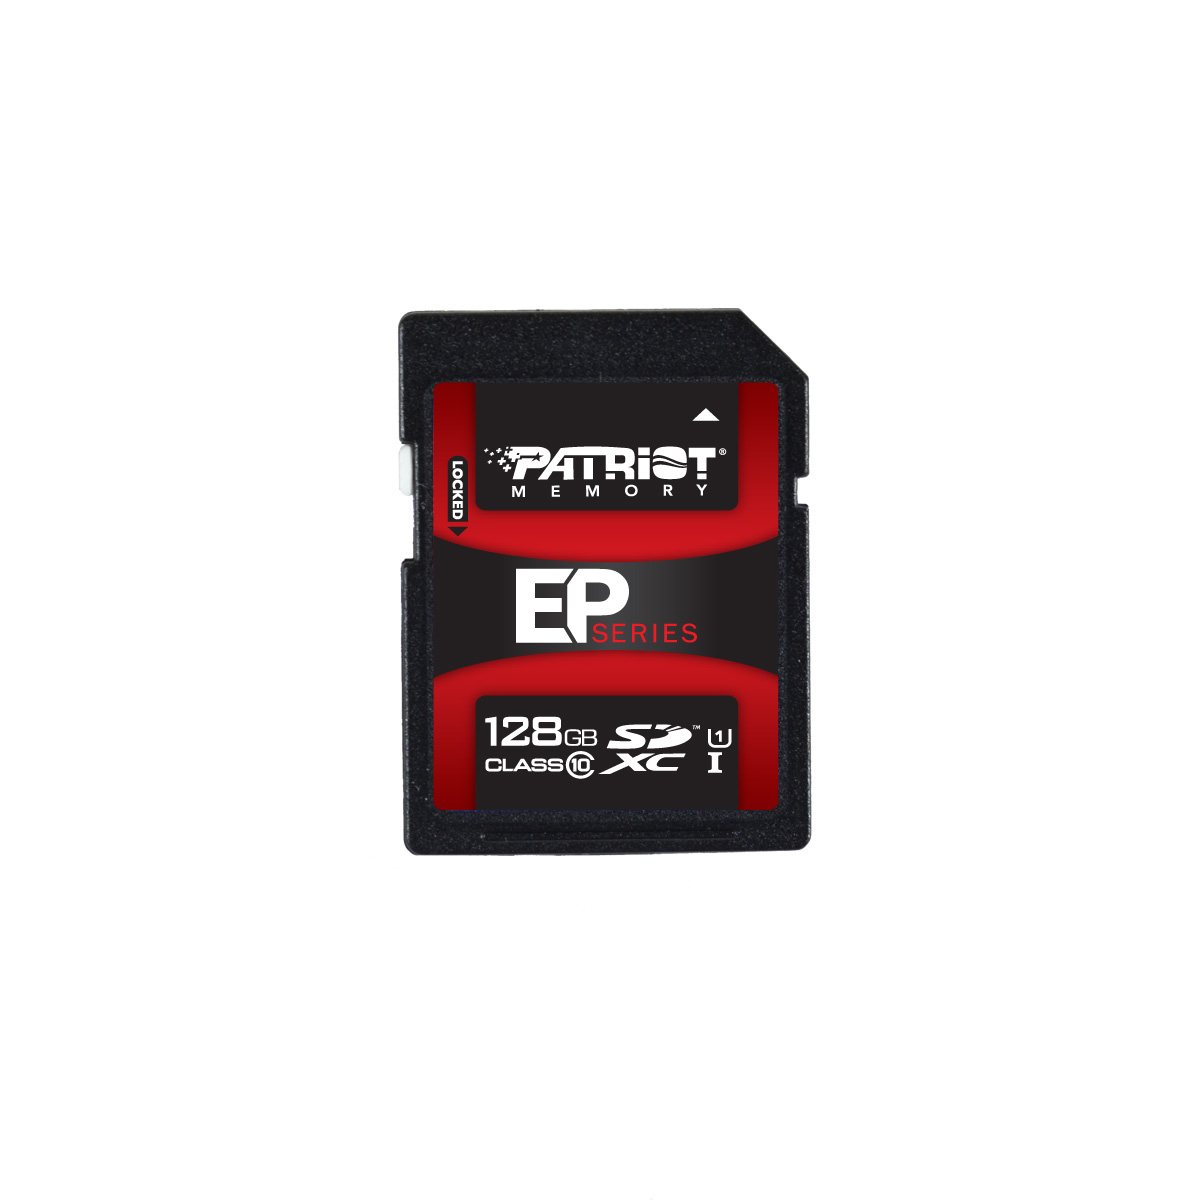 PATRIOT SDXC 128GB CLASSE10 EP PRO UHS-I 0815530013990 PEF128GSXC10333 14_PEF128GSXC10333